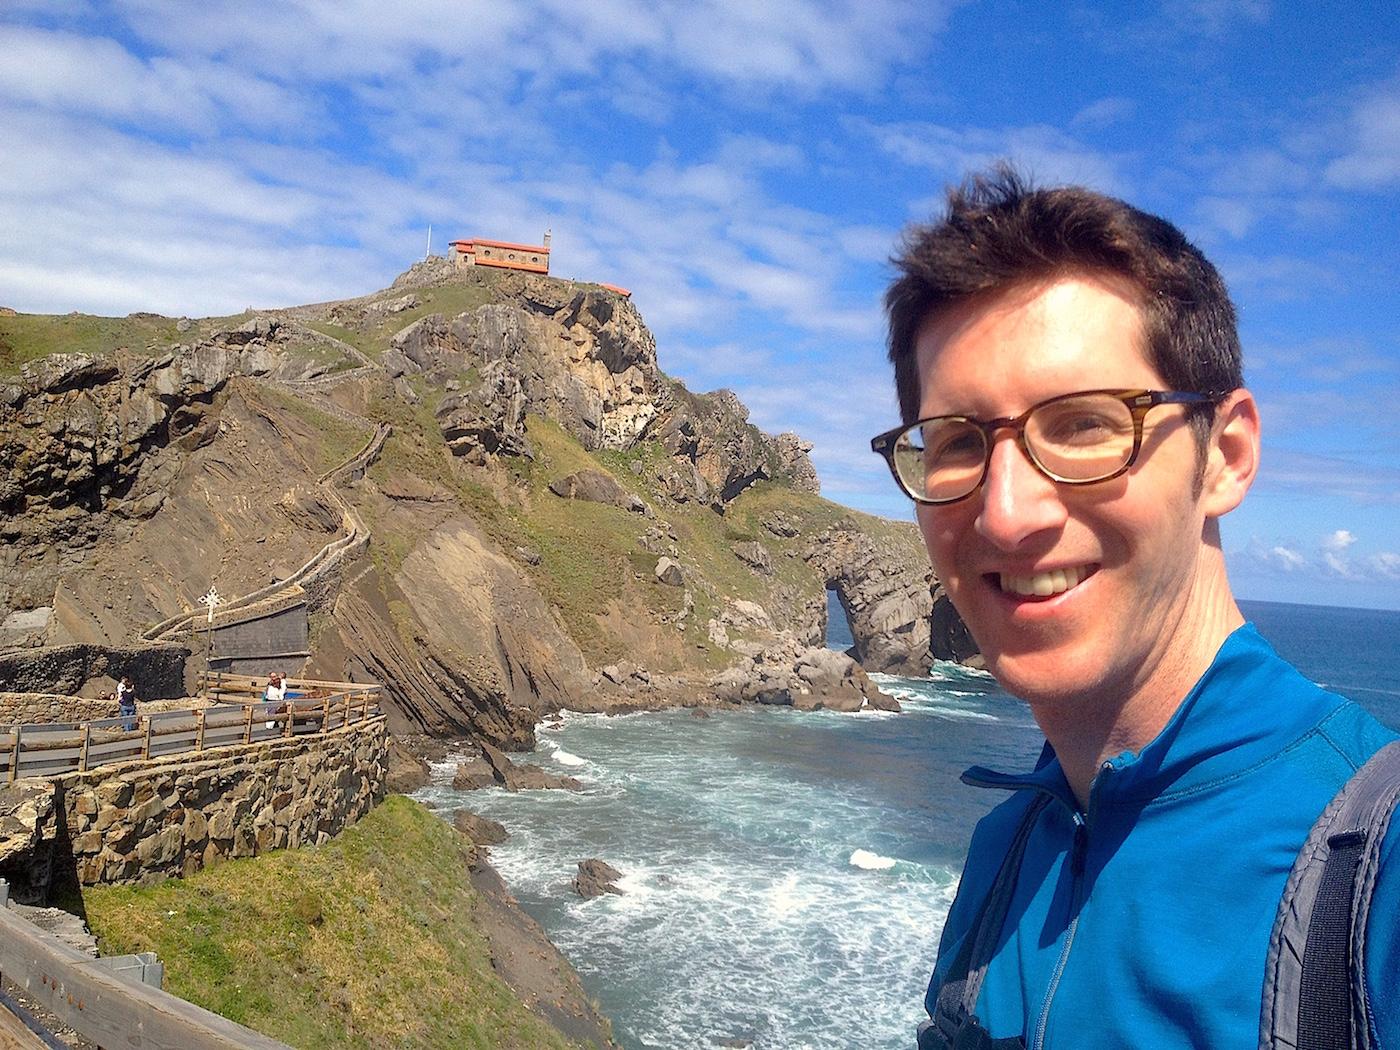 Nathan at San Juan De Gaztelugatxe